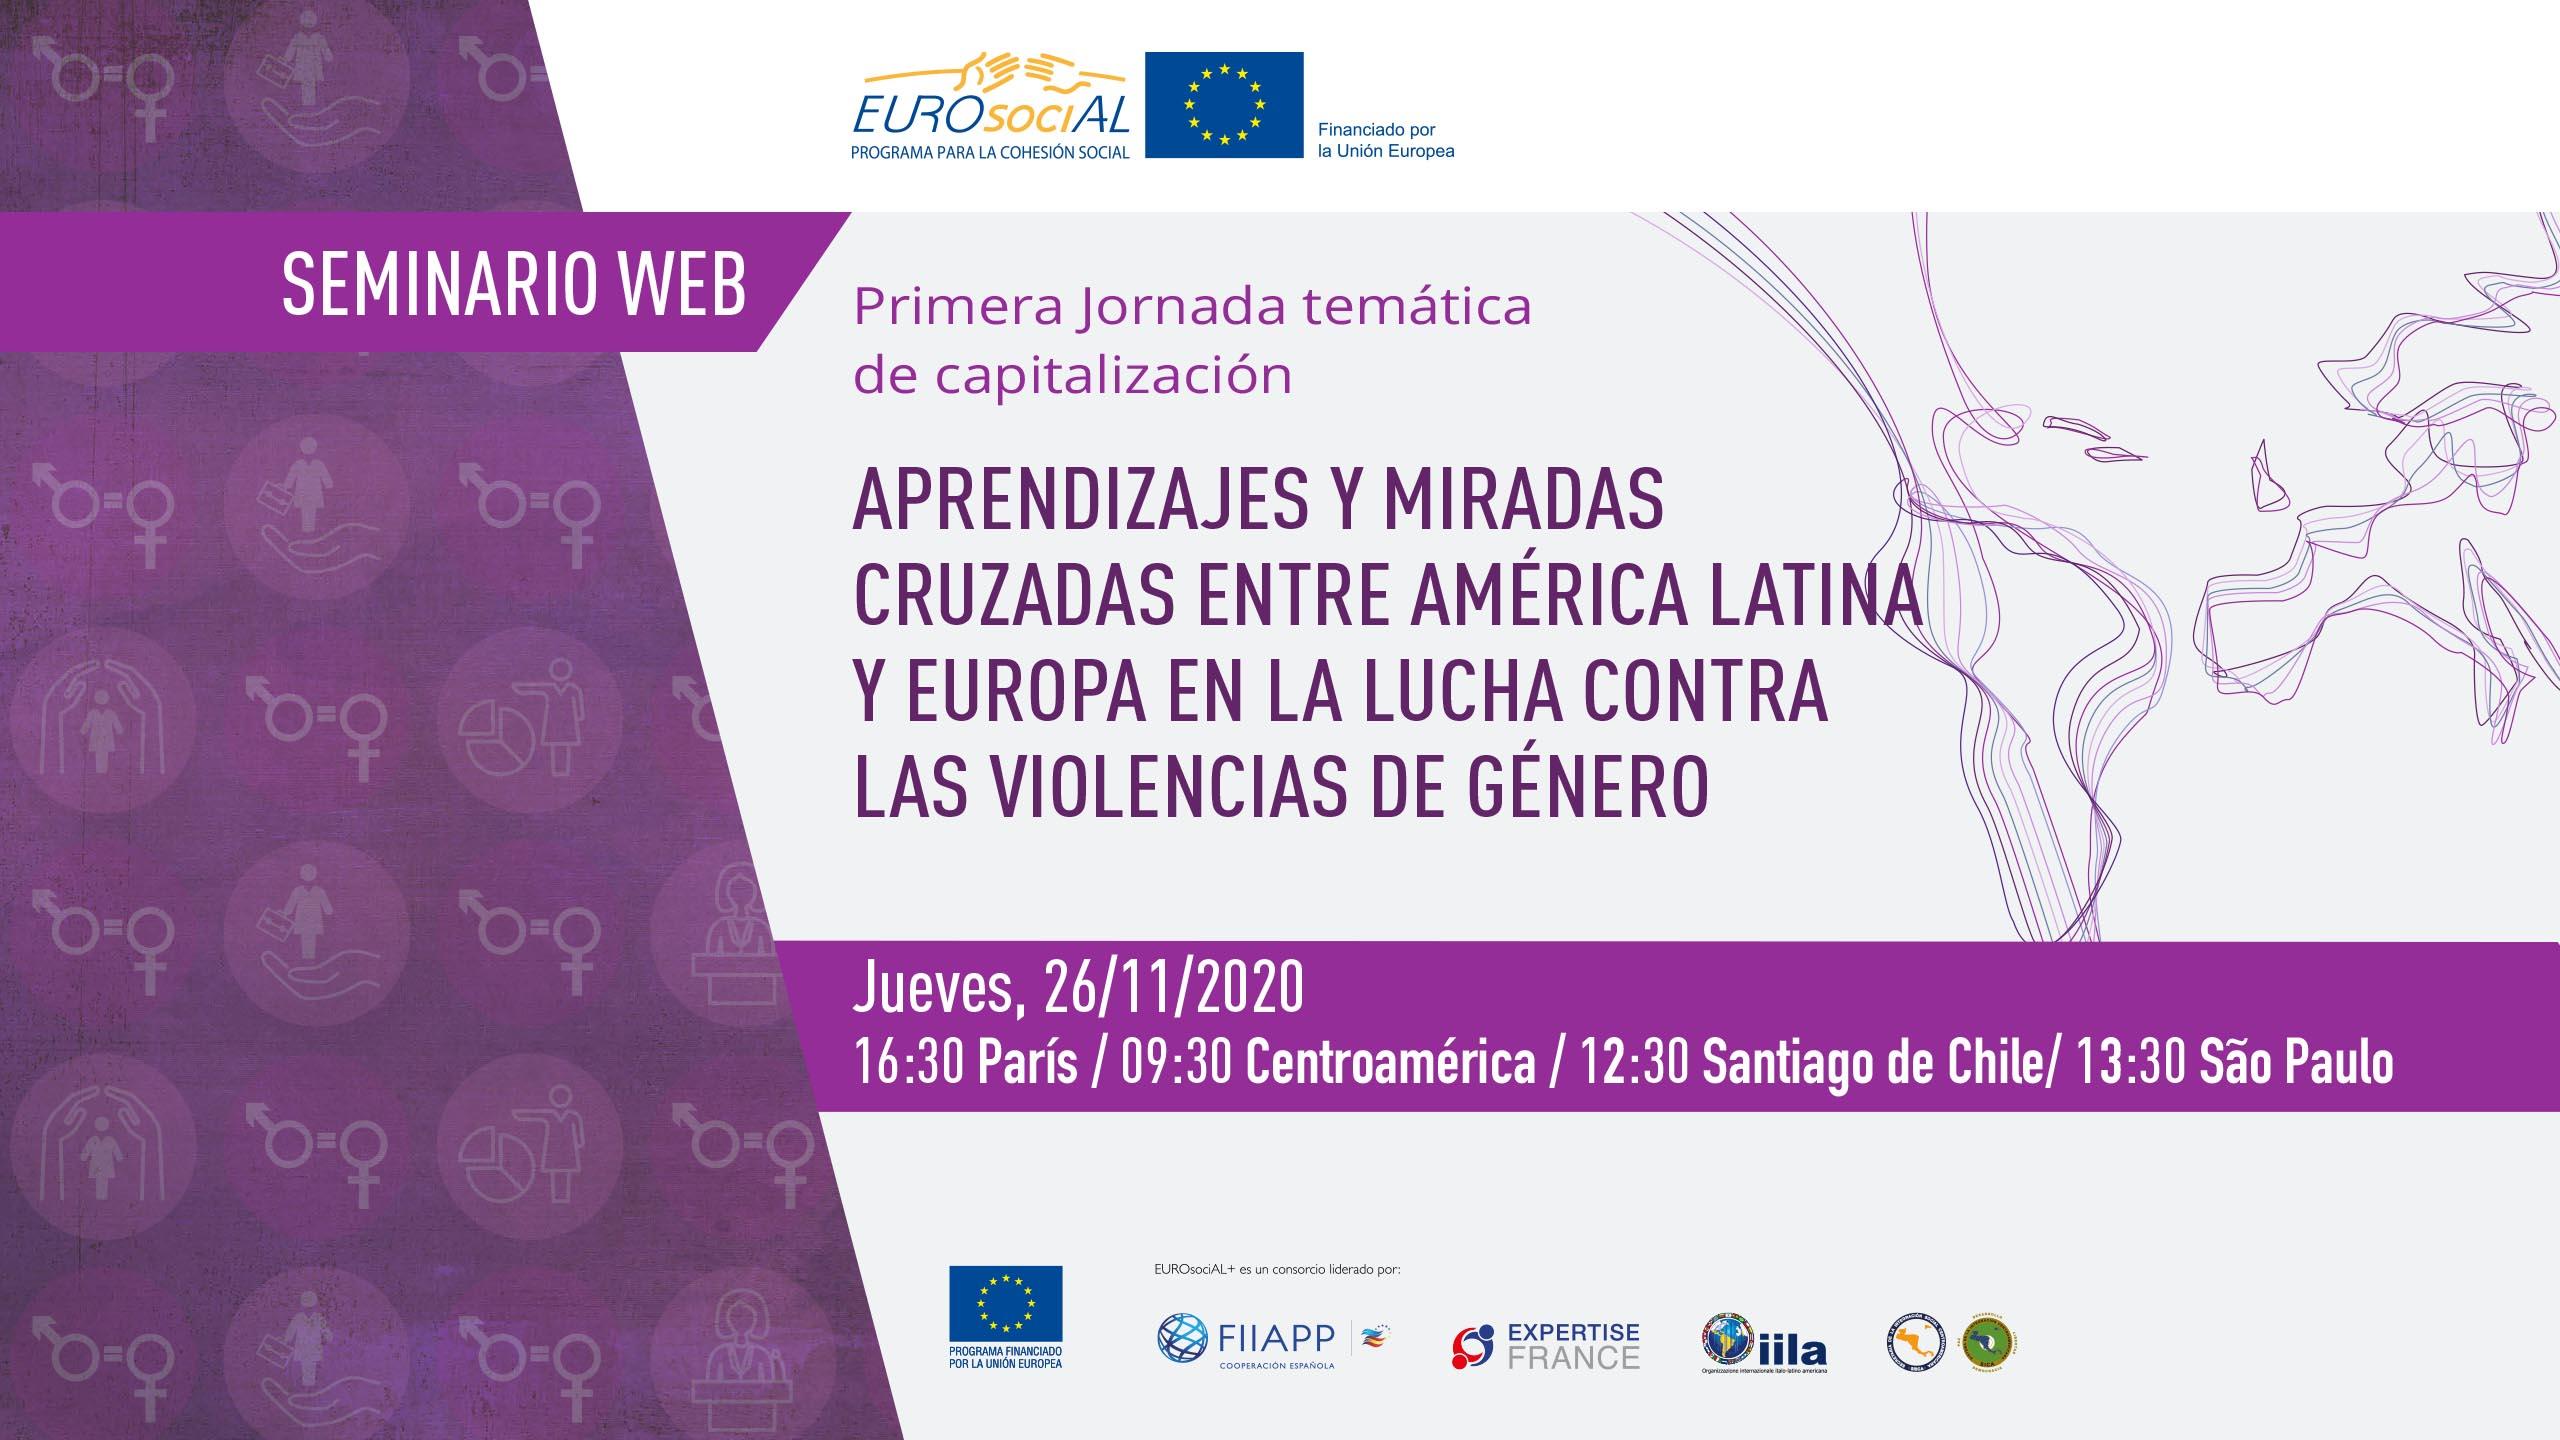 Aprendizajes y miradas cruzadas entre América Latina y Europa en la lucha contra las violencias de género